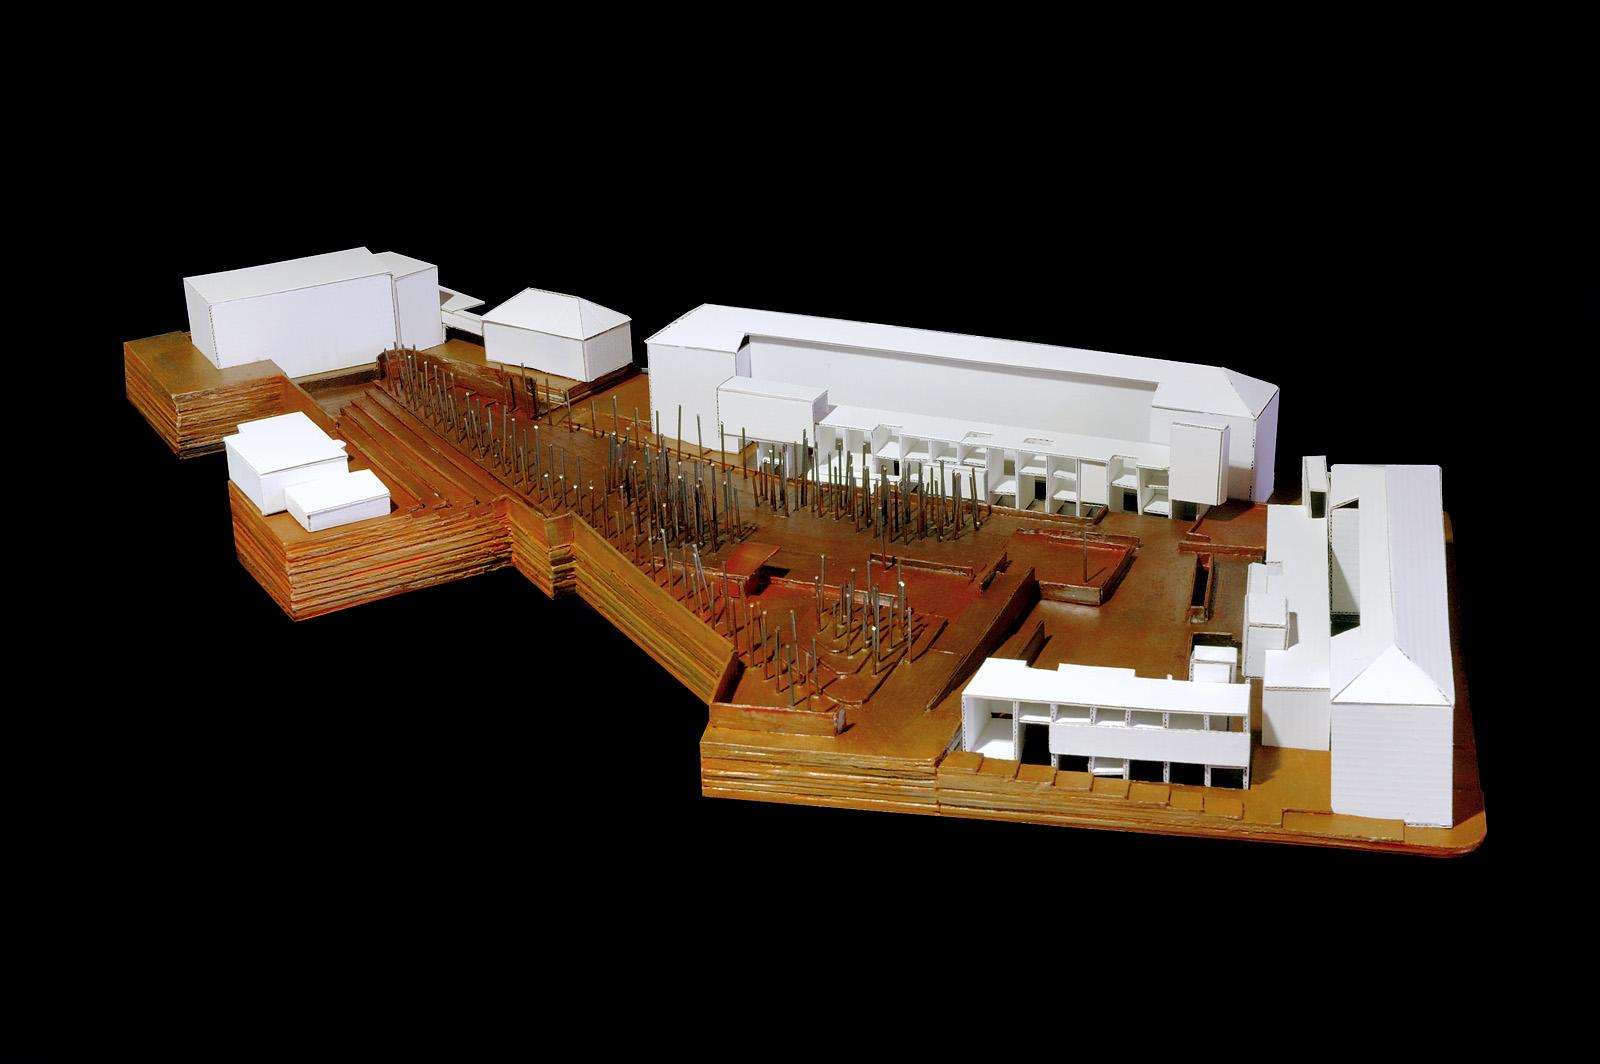 VUT | areál fakult architektury a výtvarných umění | Brno | 09